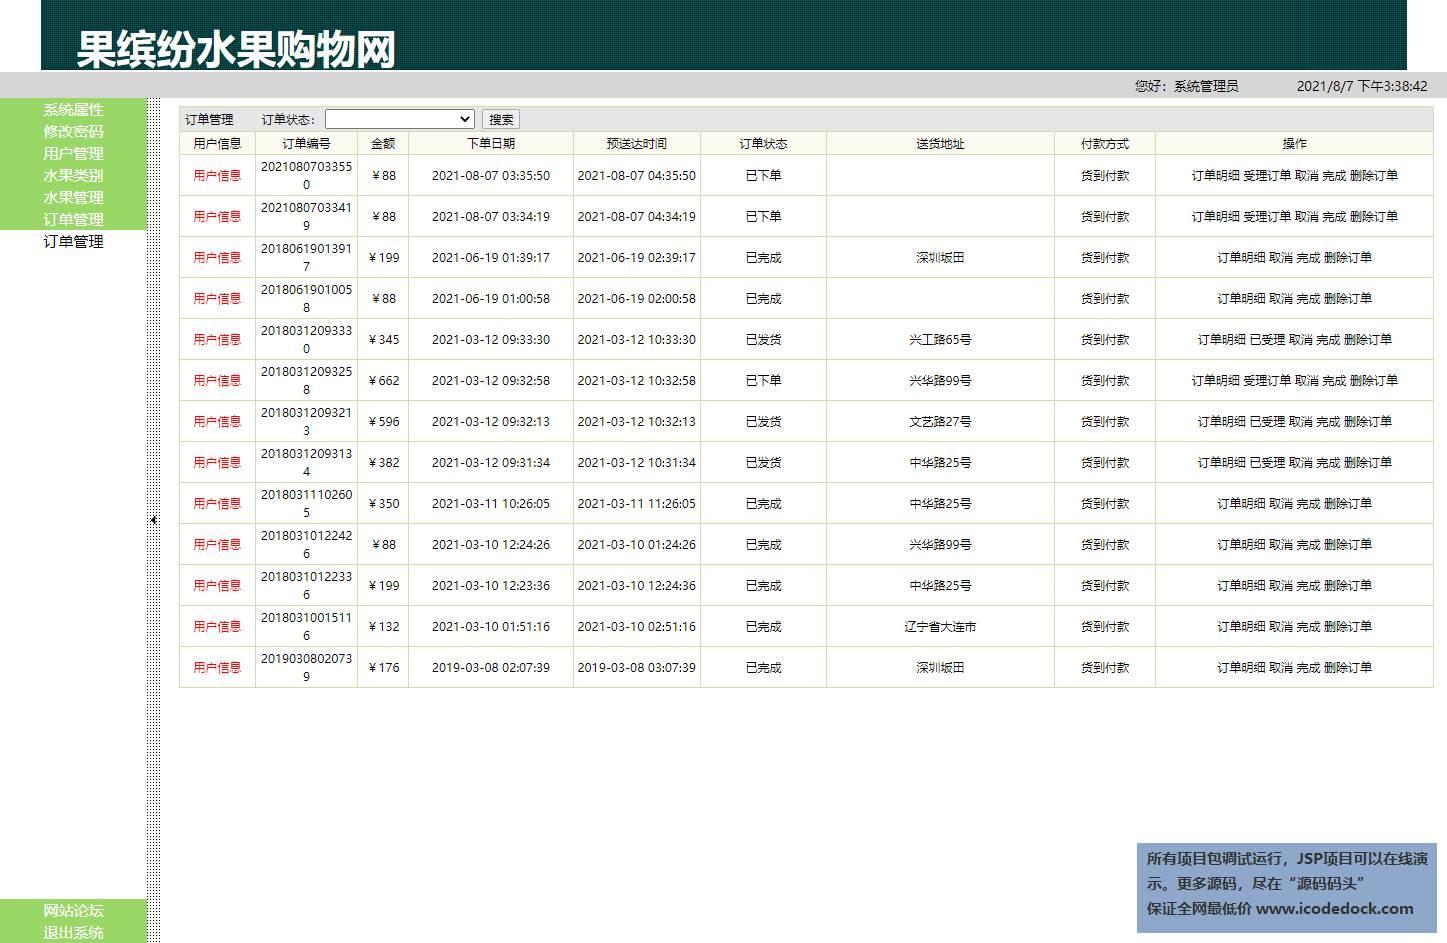 源码码头-SSH在线水果商城平台含管理系统-管理员角色-订单管理